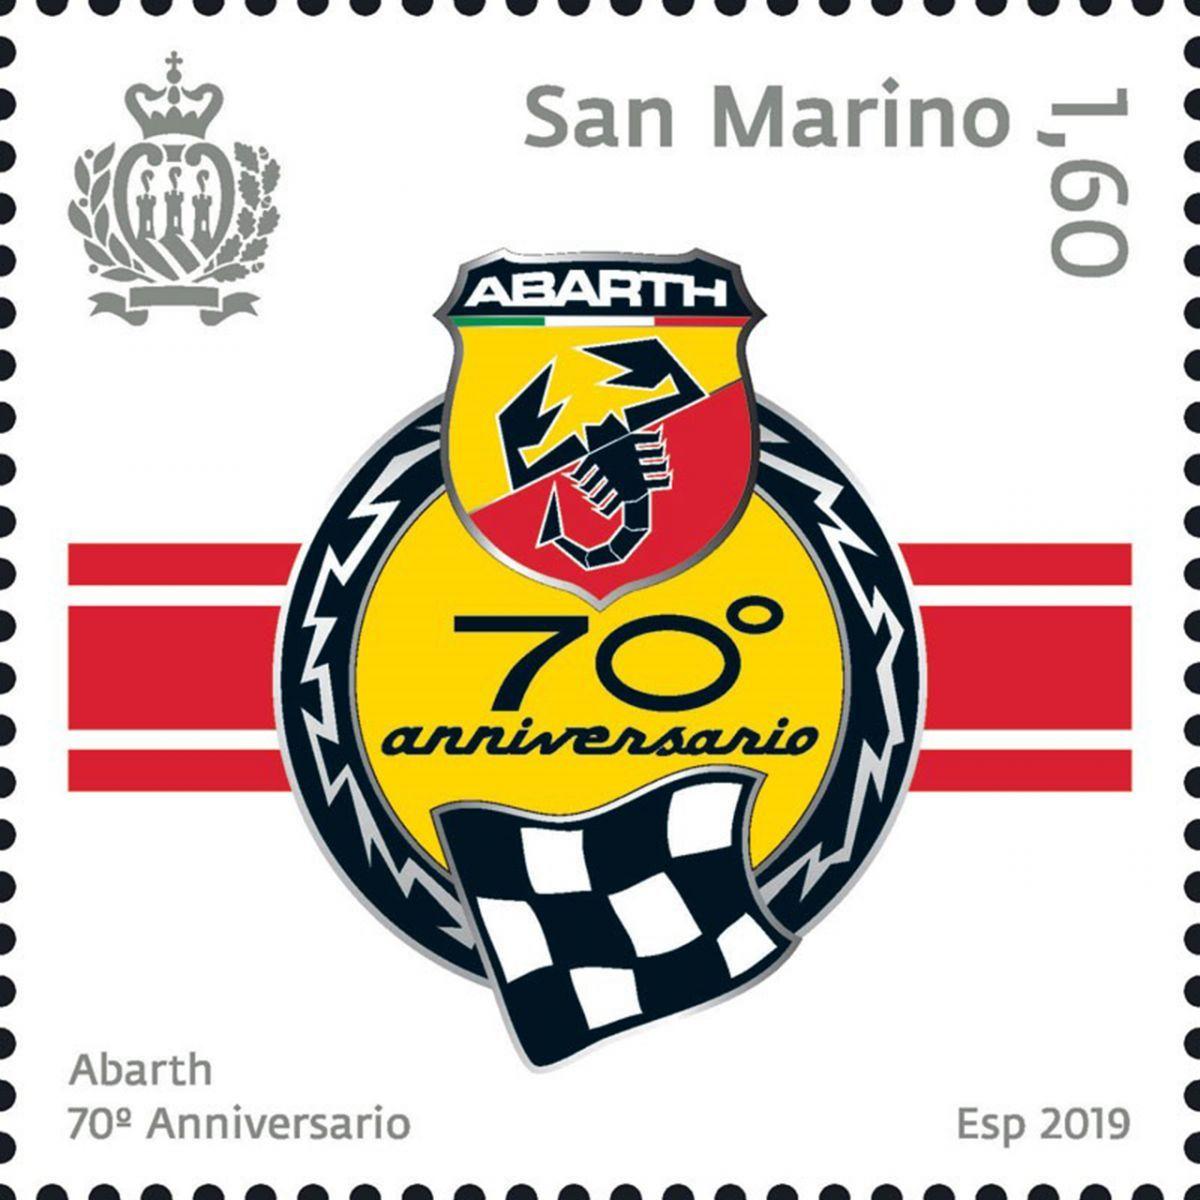 Un francobollo celebrativo per il 70° anniversario dell'Abarth.